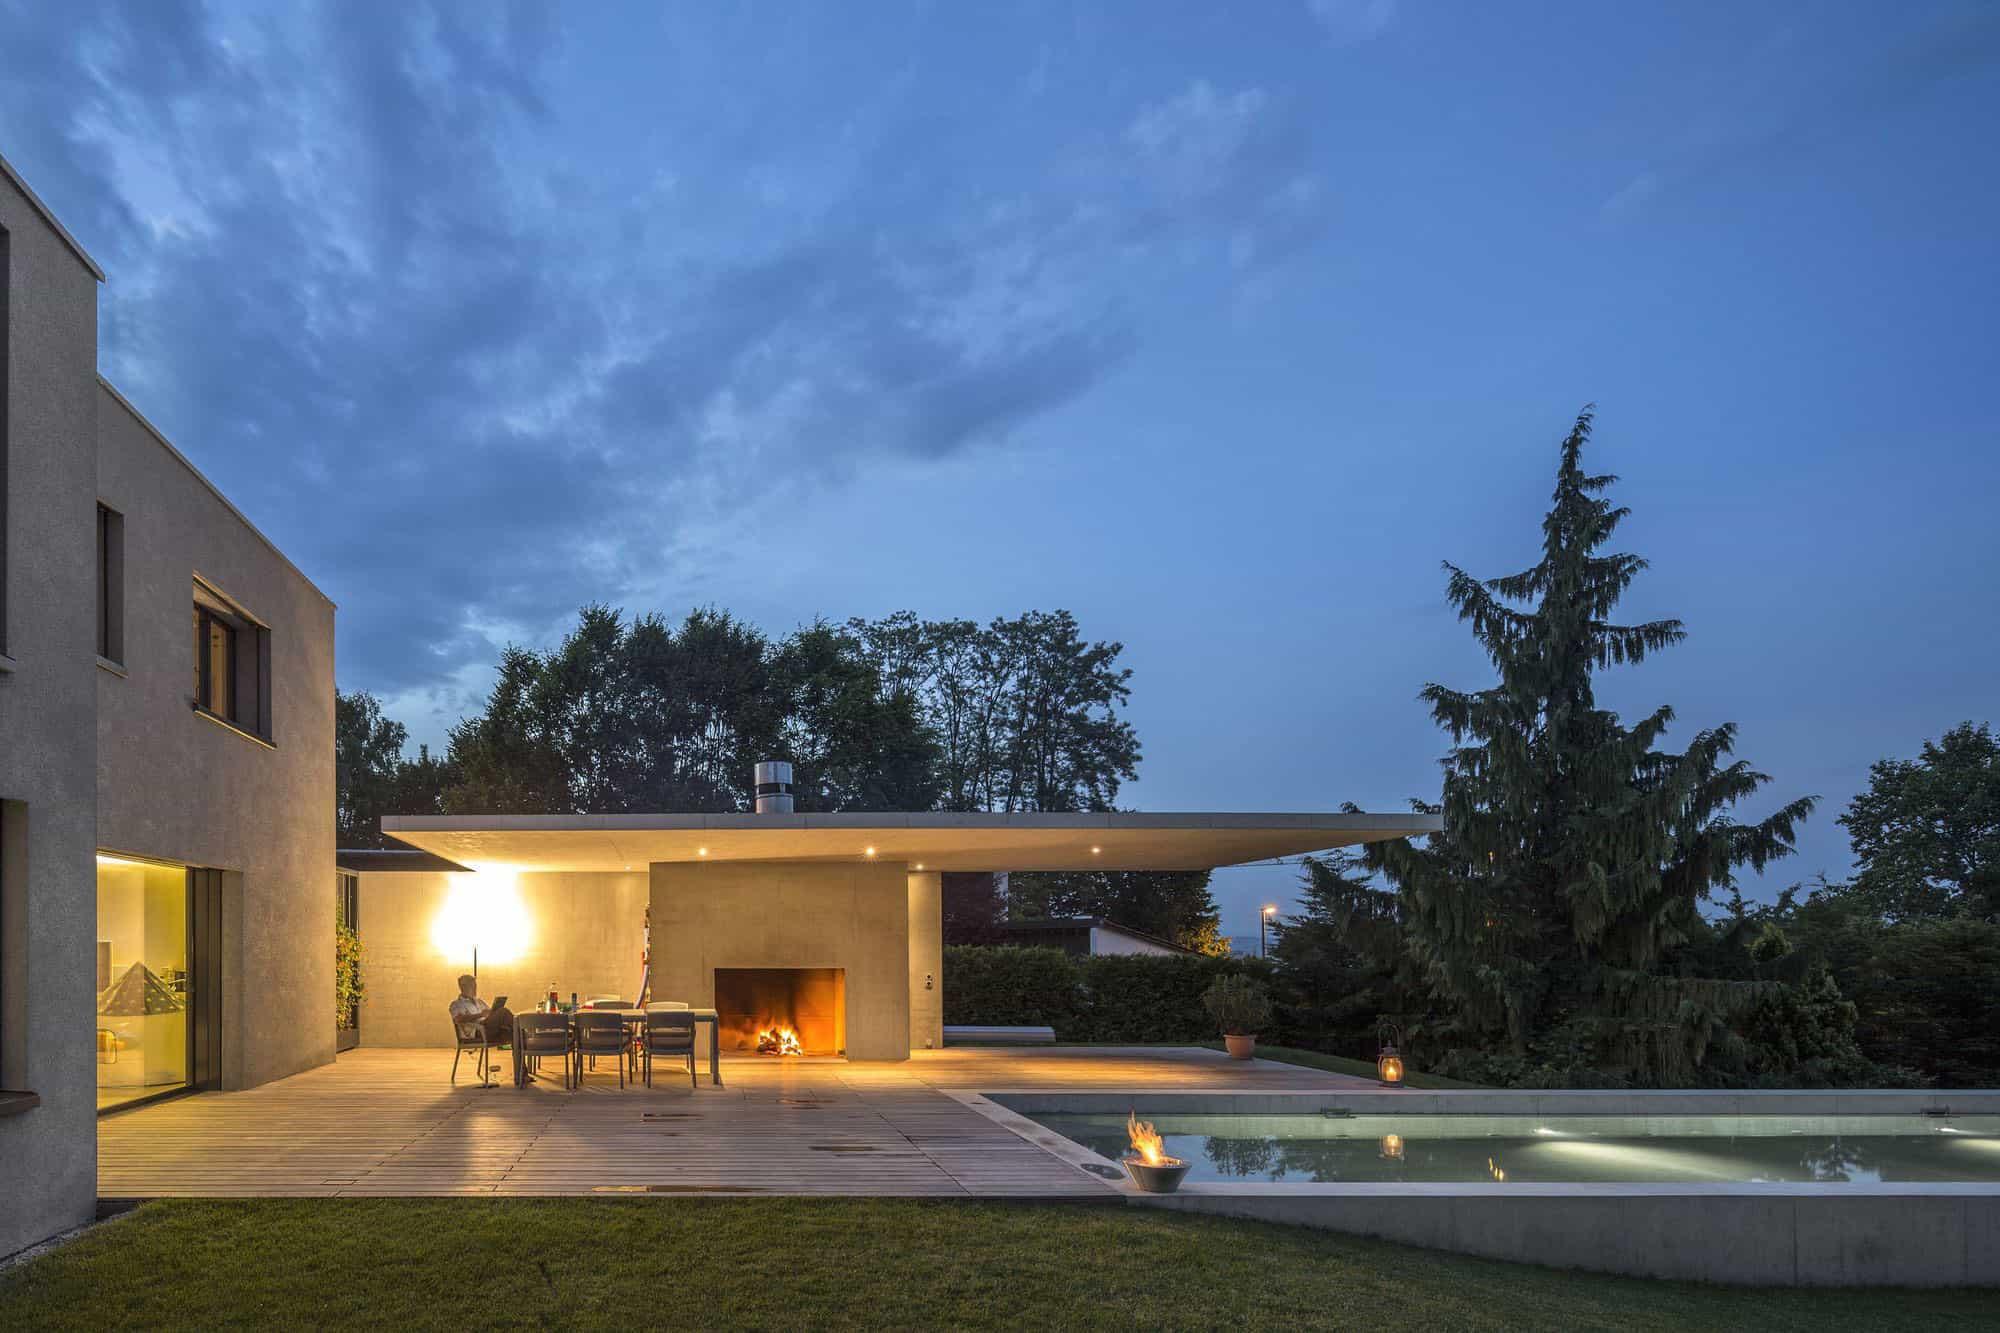 Haus von Arx by Haberstroh Schneider